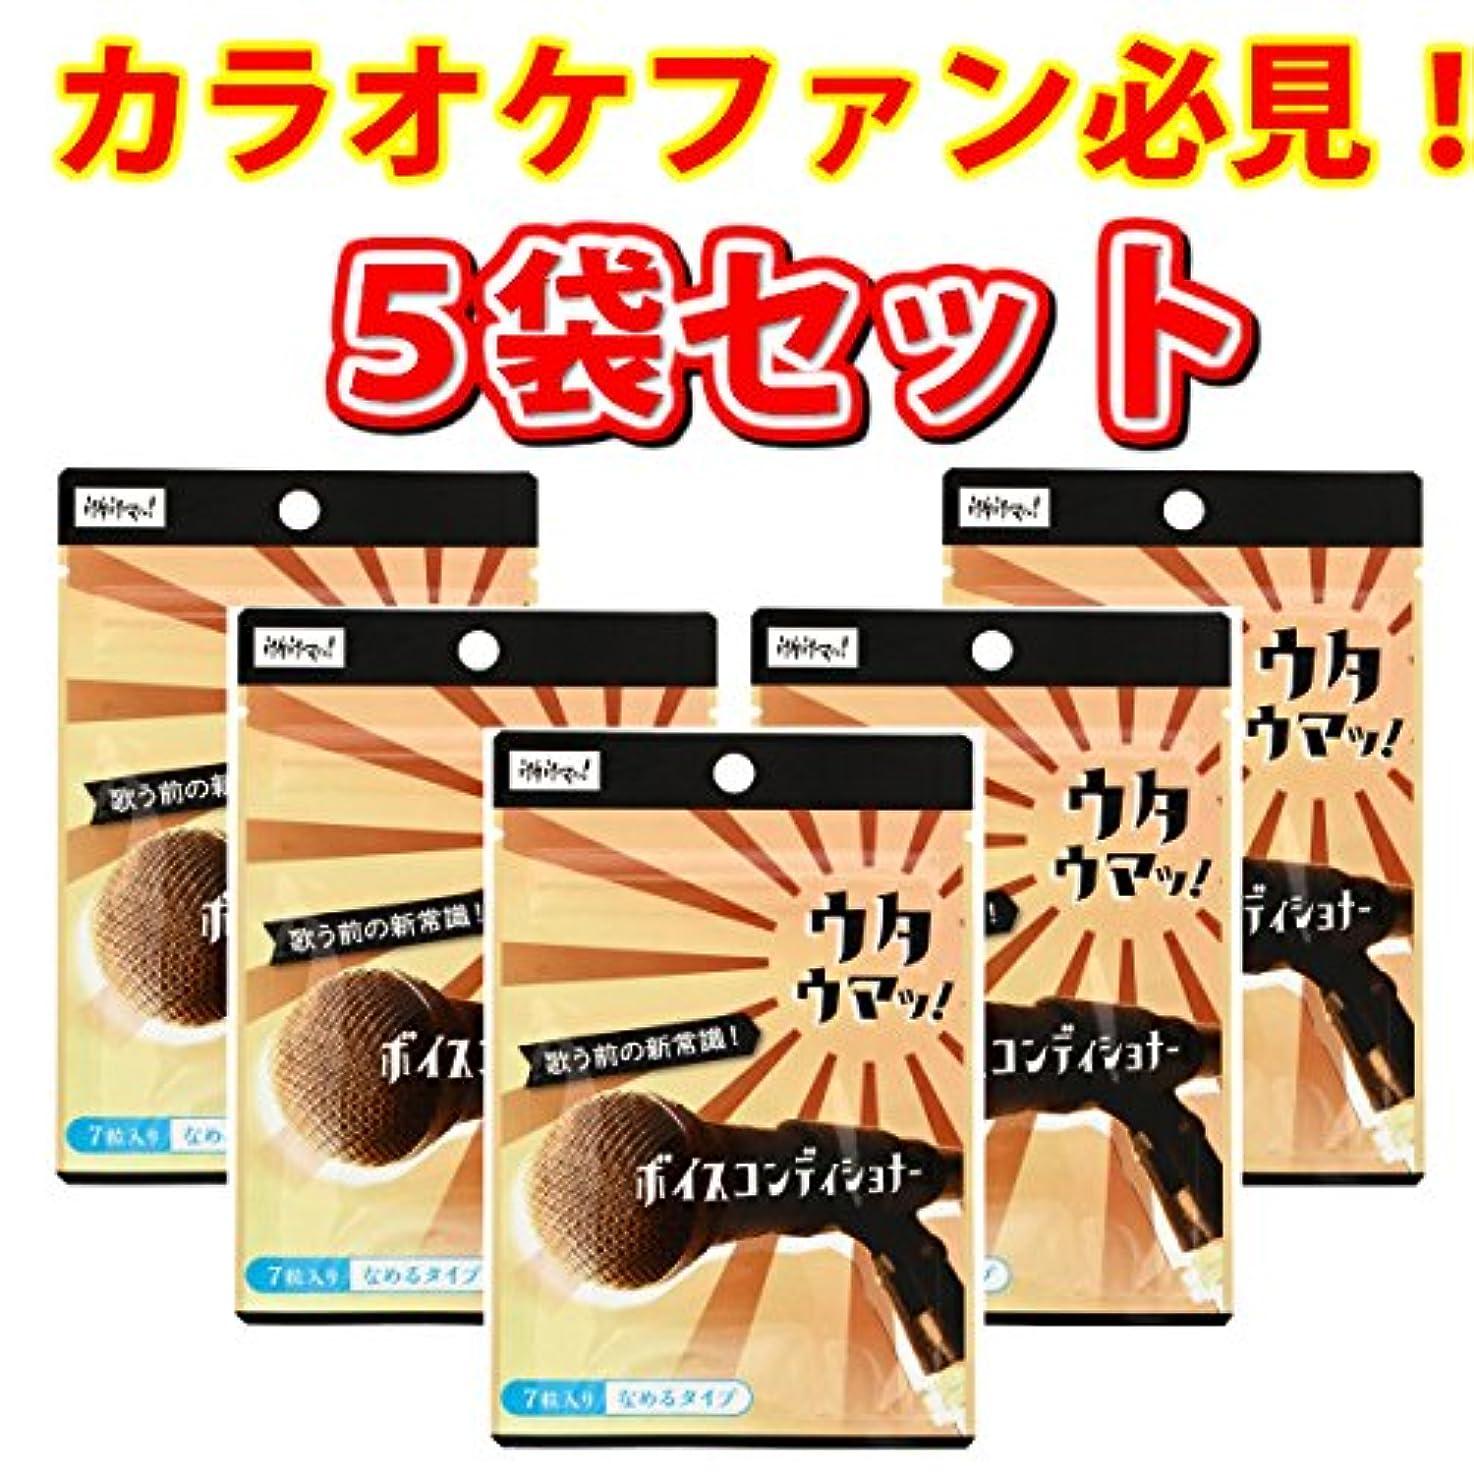 テレマコス質素な害カラオケサプリの決定版 《ボイスコンディショナー》 ウタウマッ!お得な5袋セット